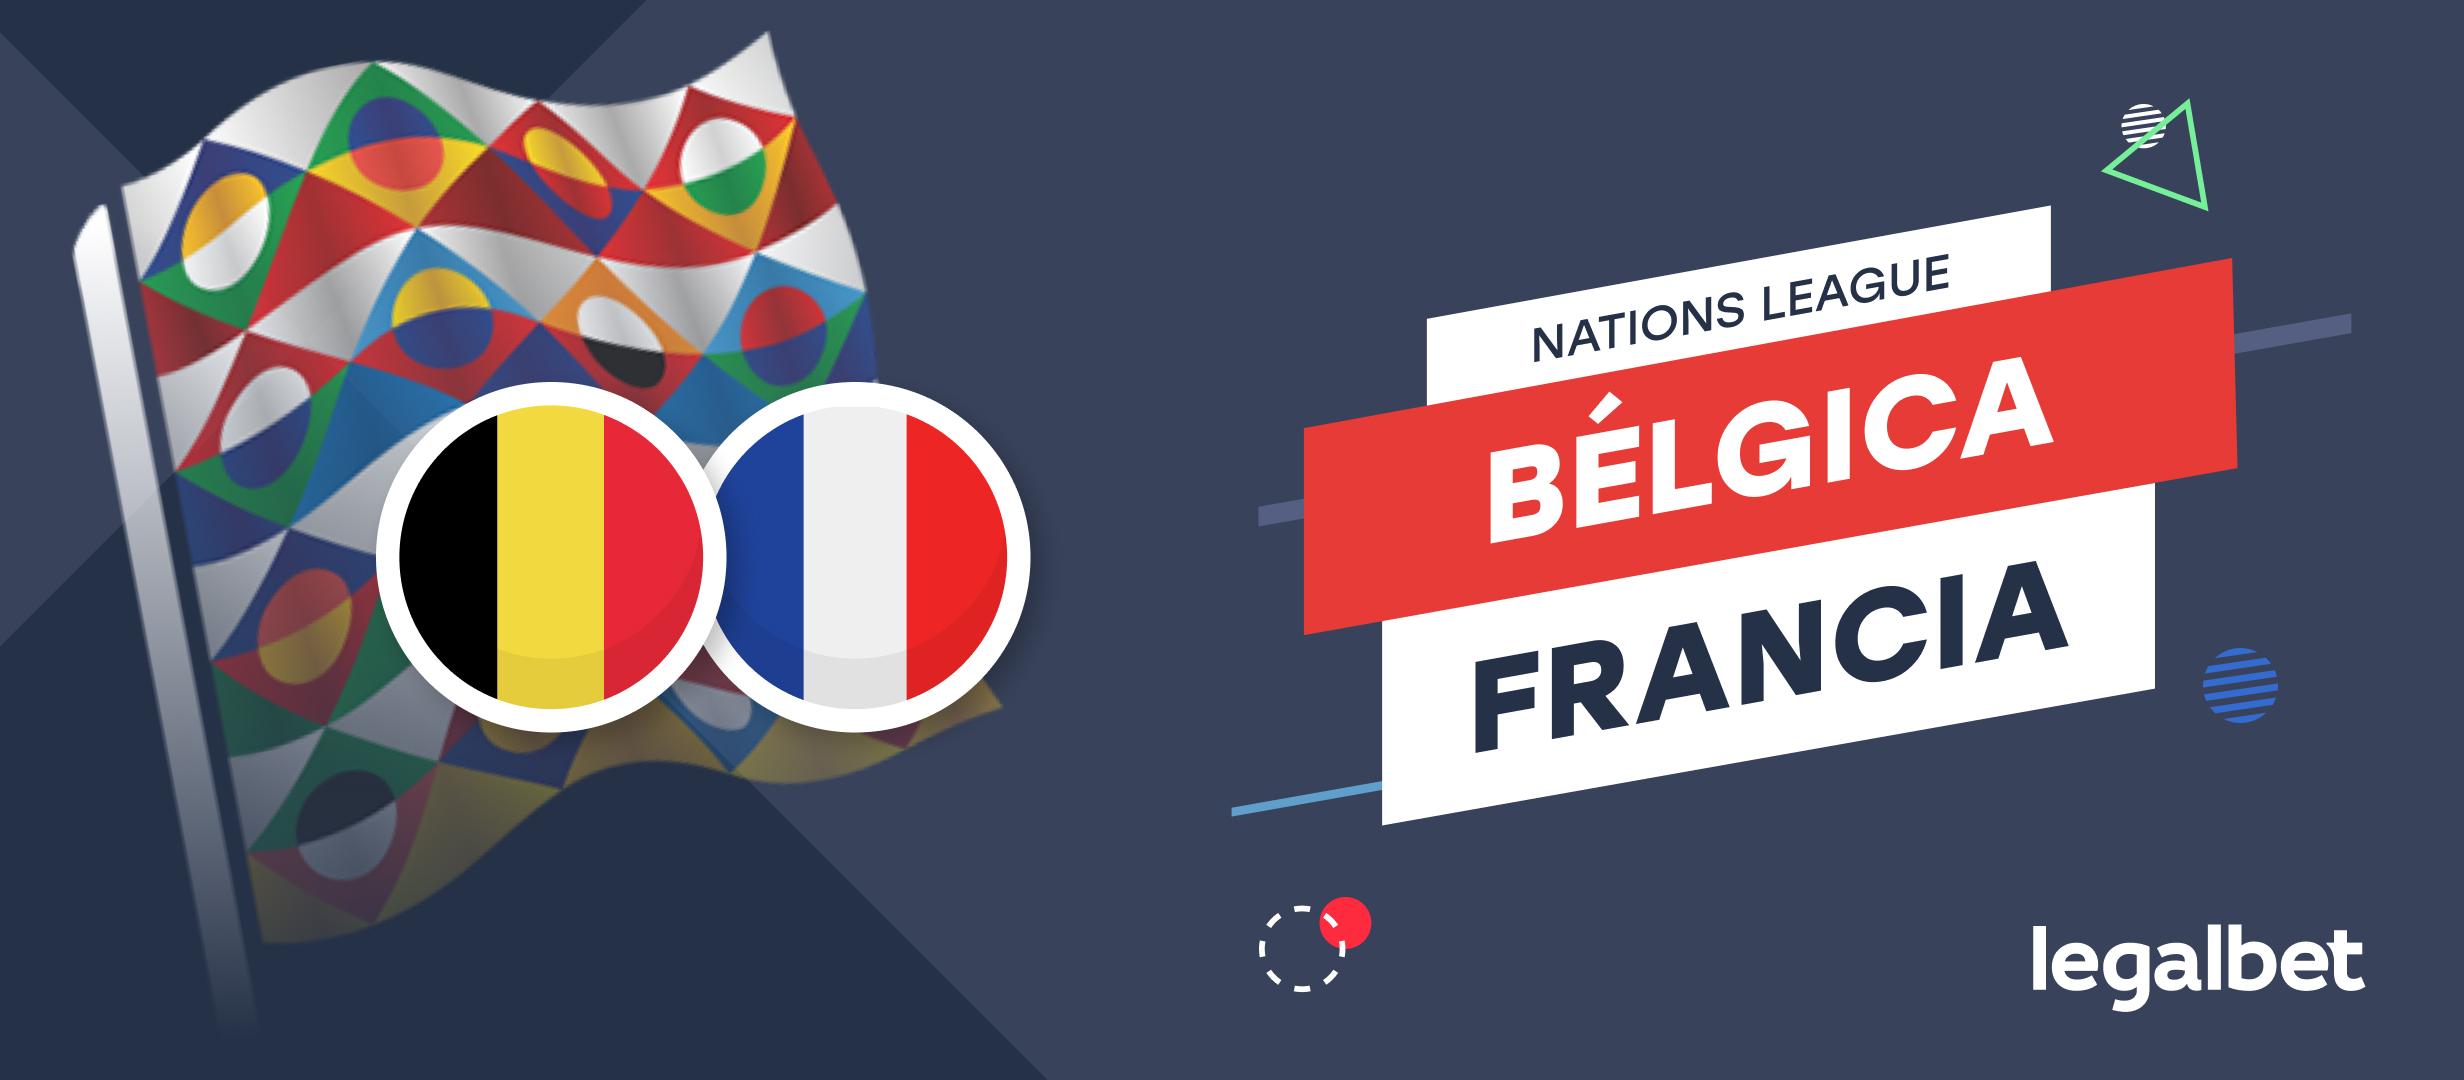 Apuestas y cuotas Bélgica - Francia, Nations League 2021/22